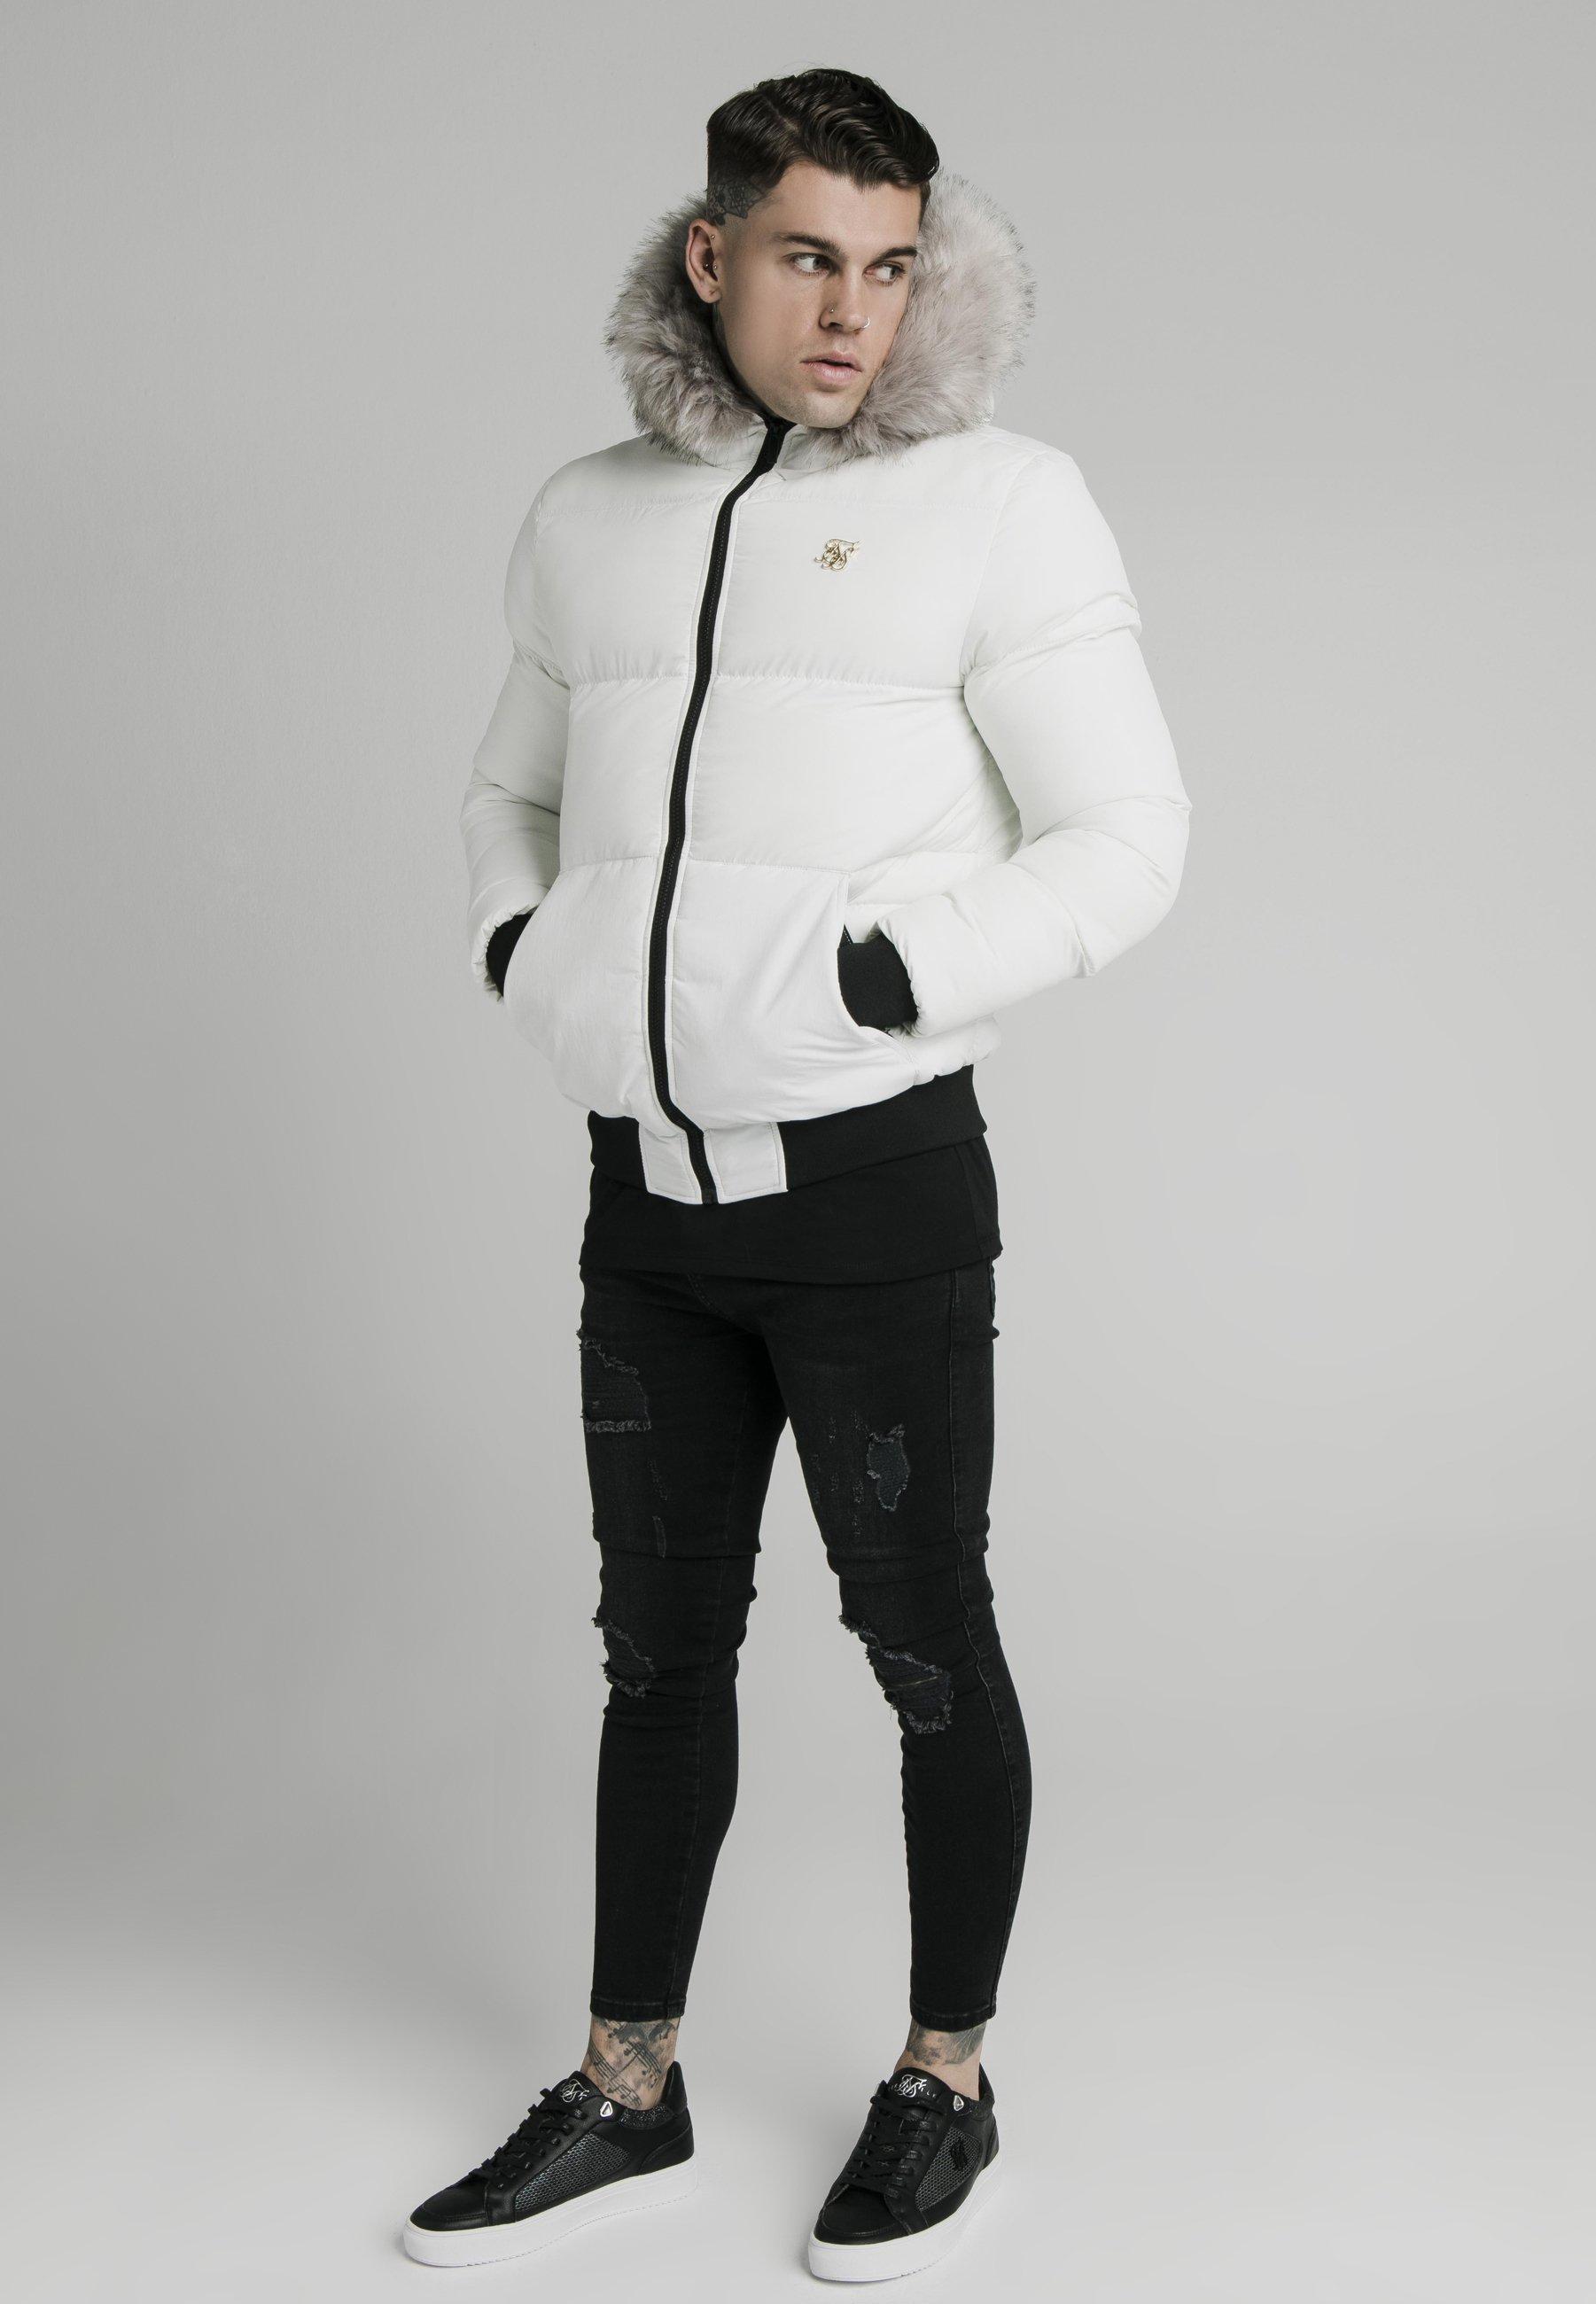 schicke weiße jacken für herren